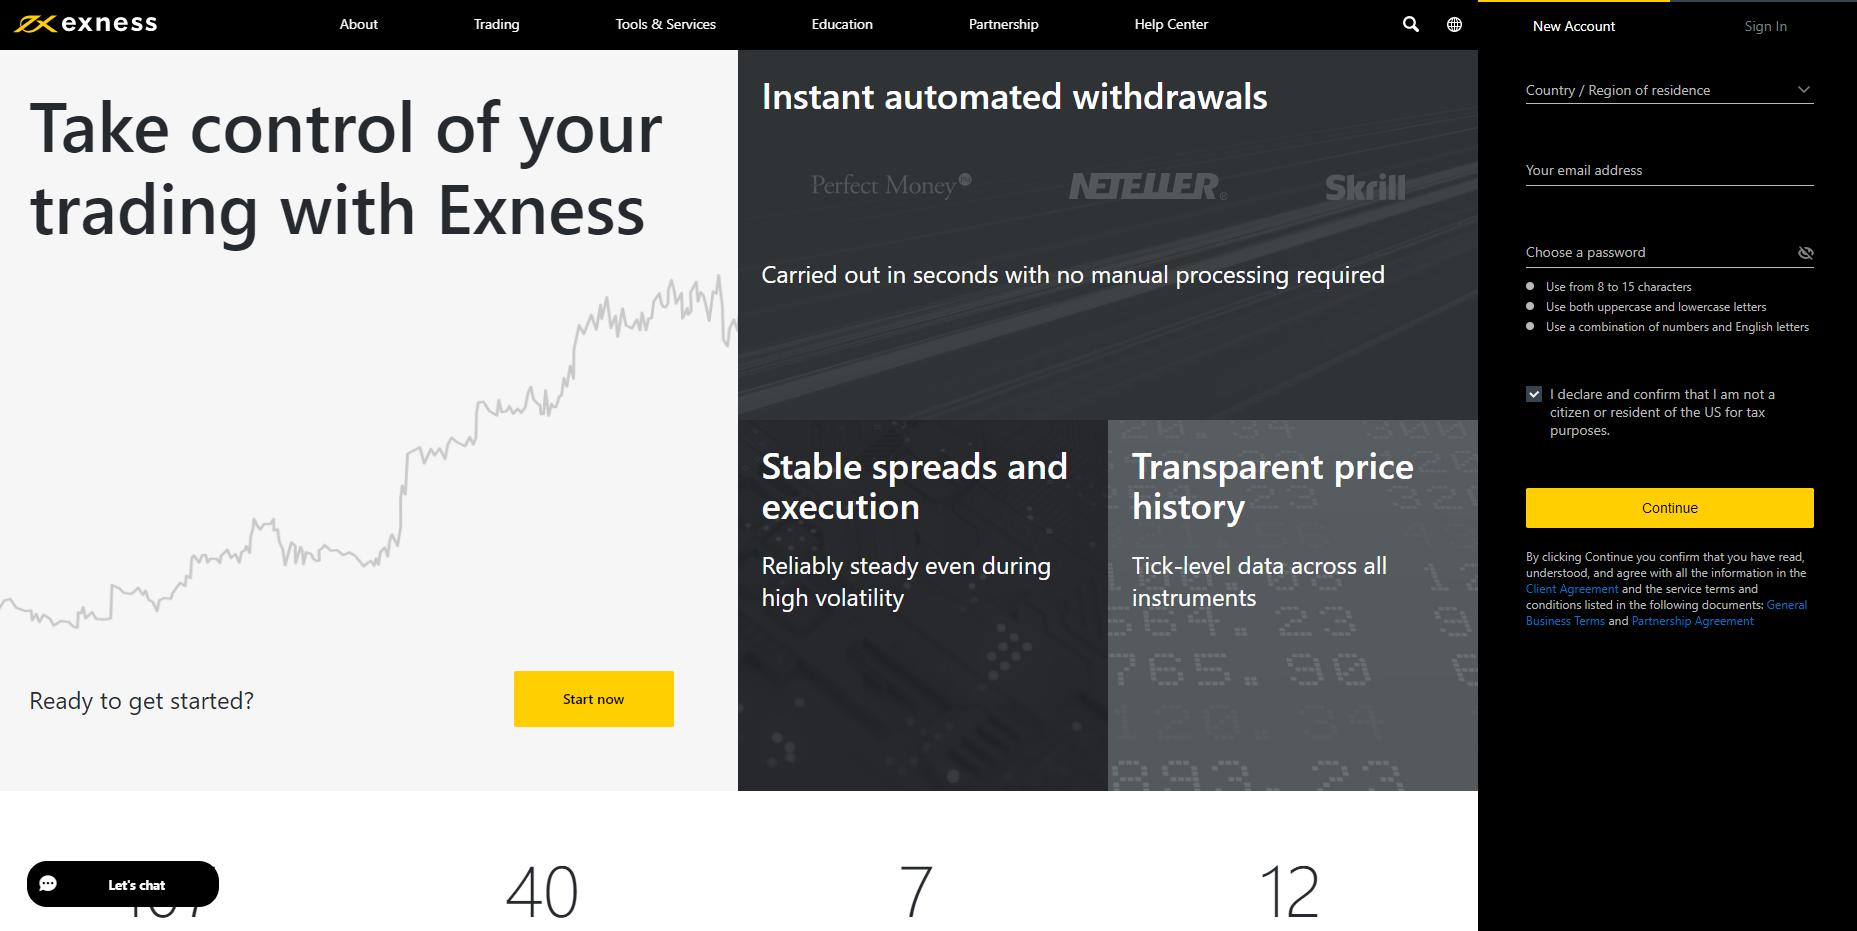 Официальный сайт Exness